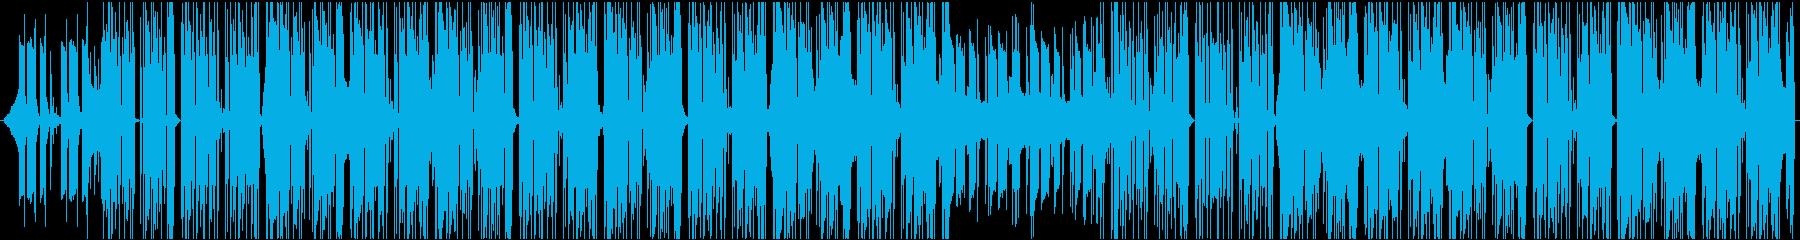 トラップ ヒップホップ ギャングラ...の再生済みの波形